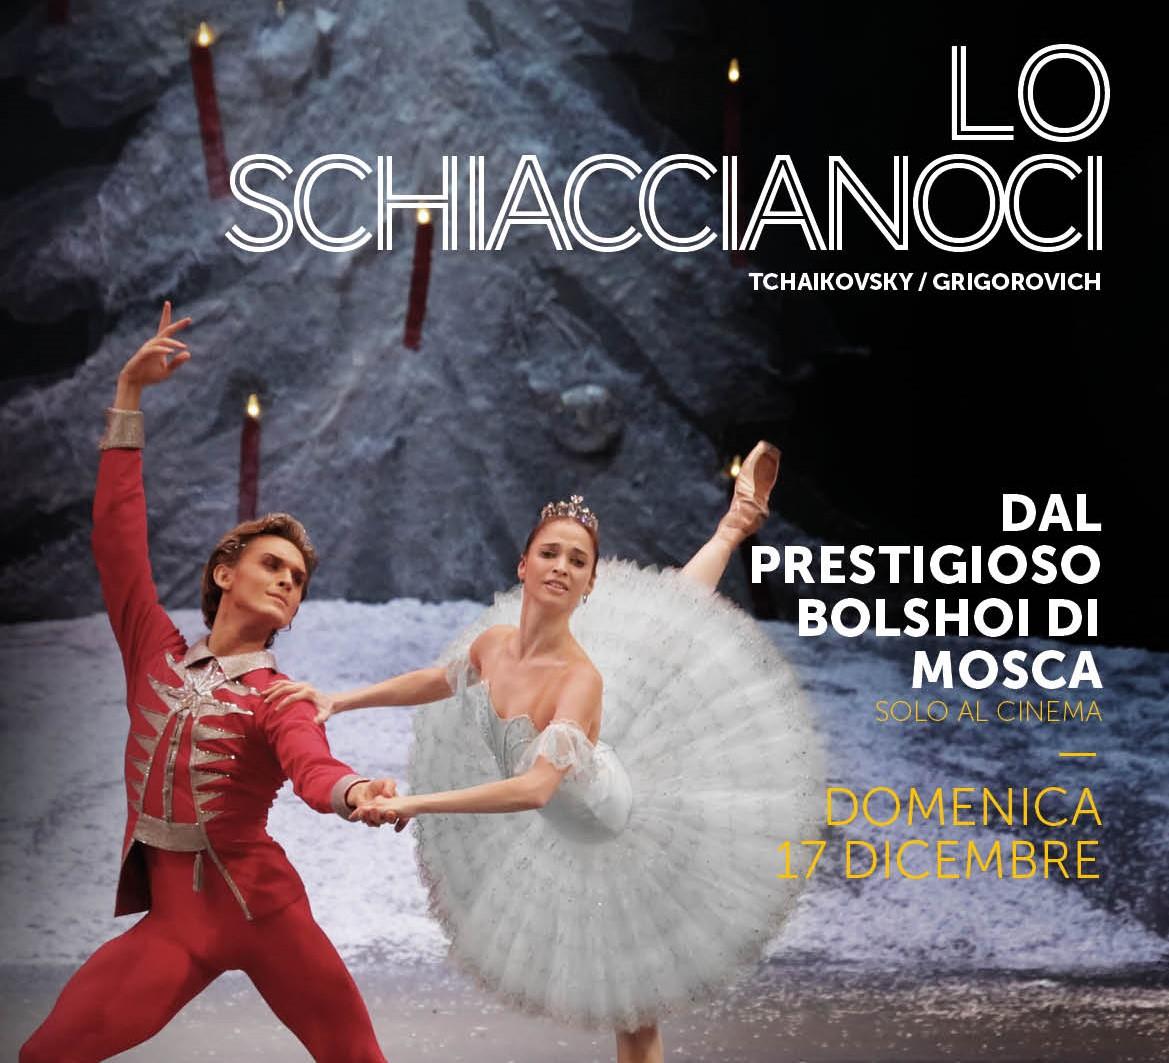 locandina LO SCHIACCIANOCI